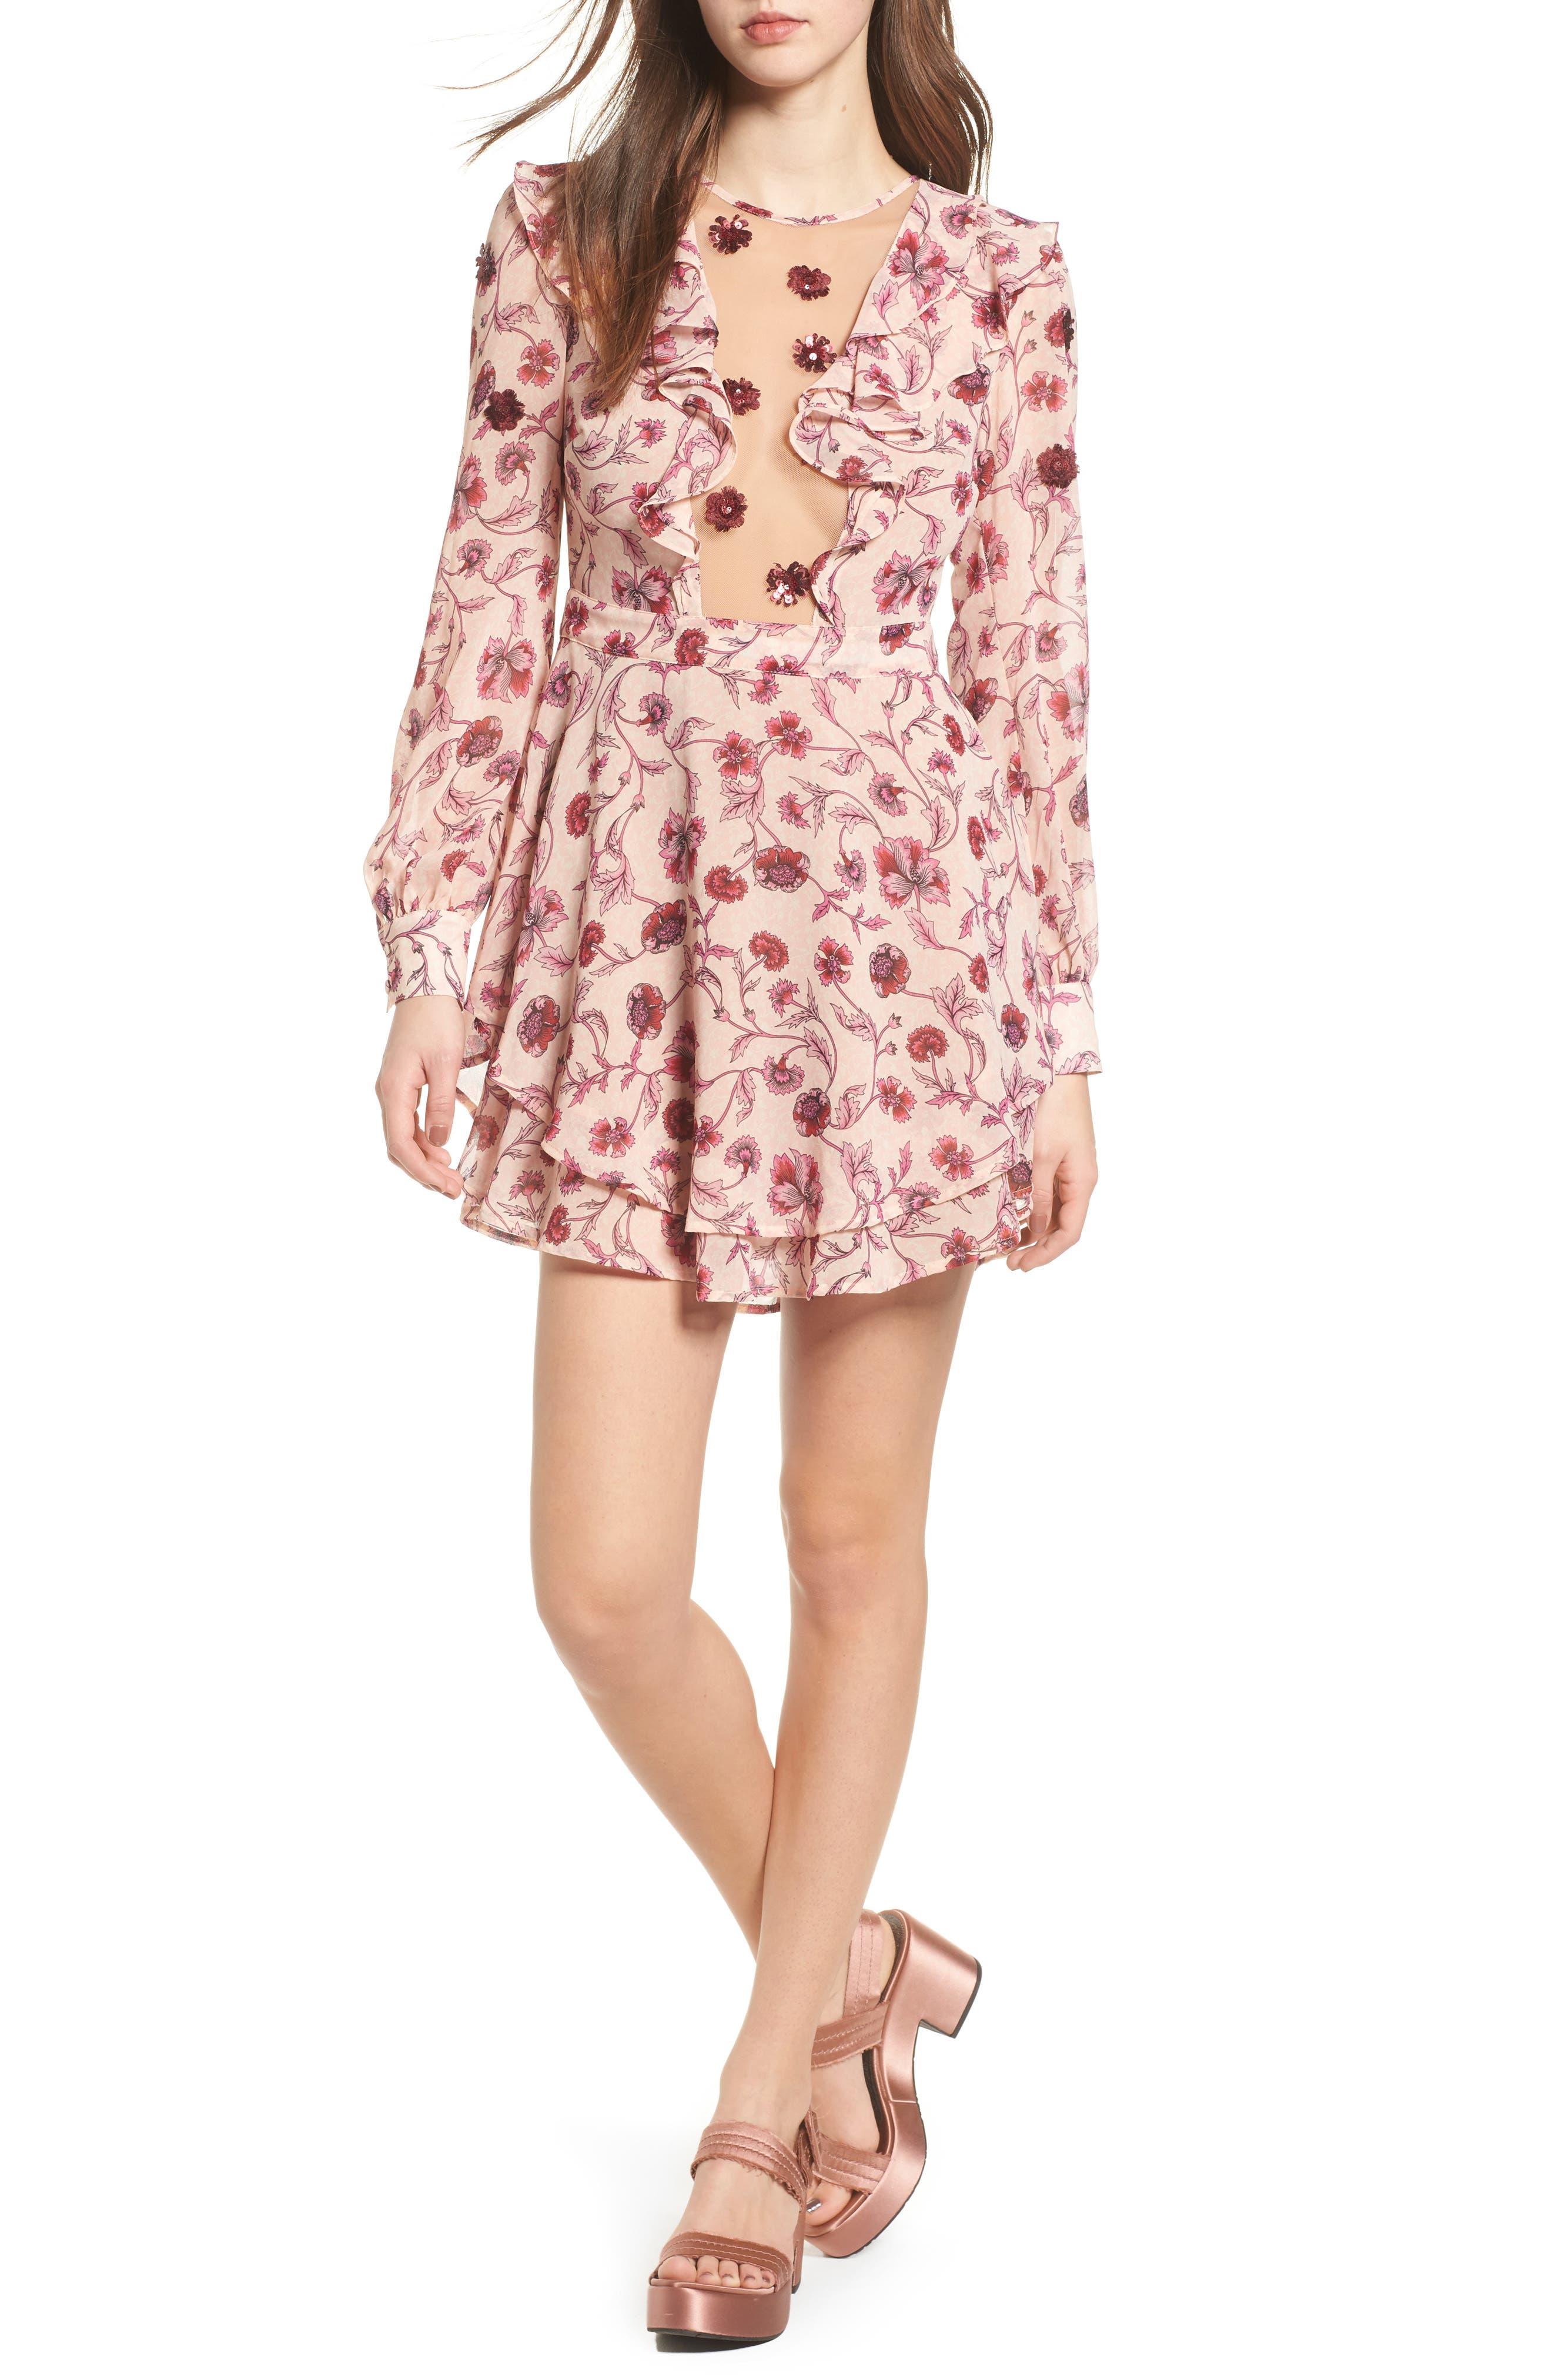 Main Image - For Love & Lemons Agness Minidress